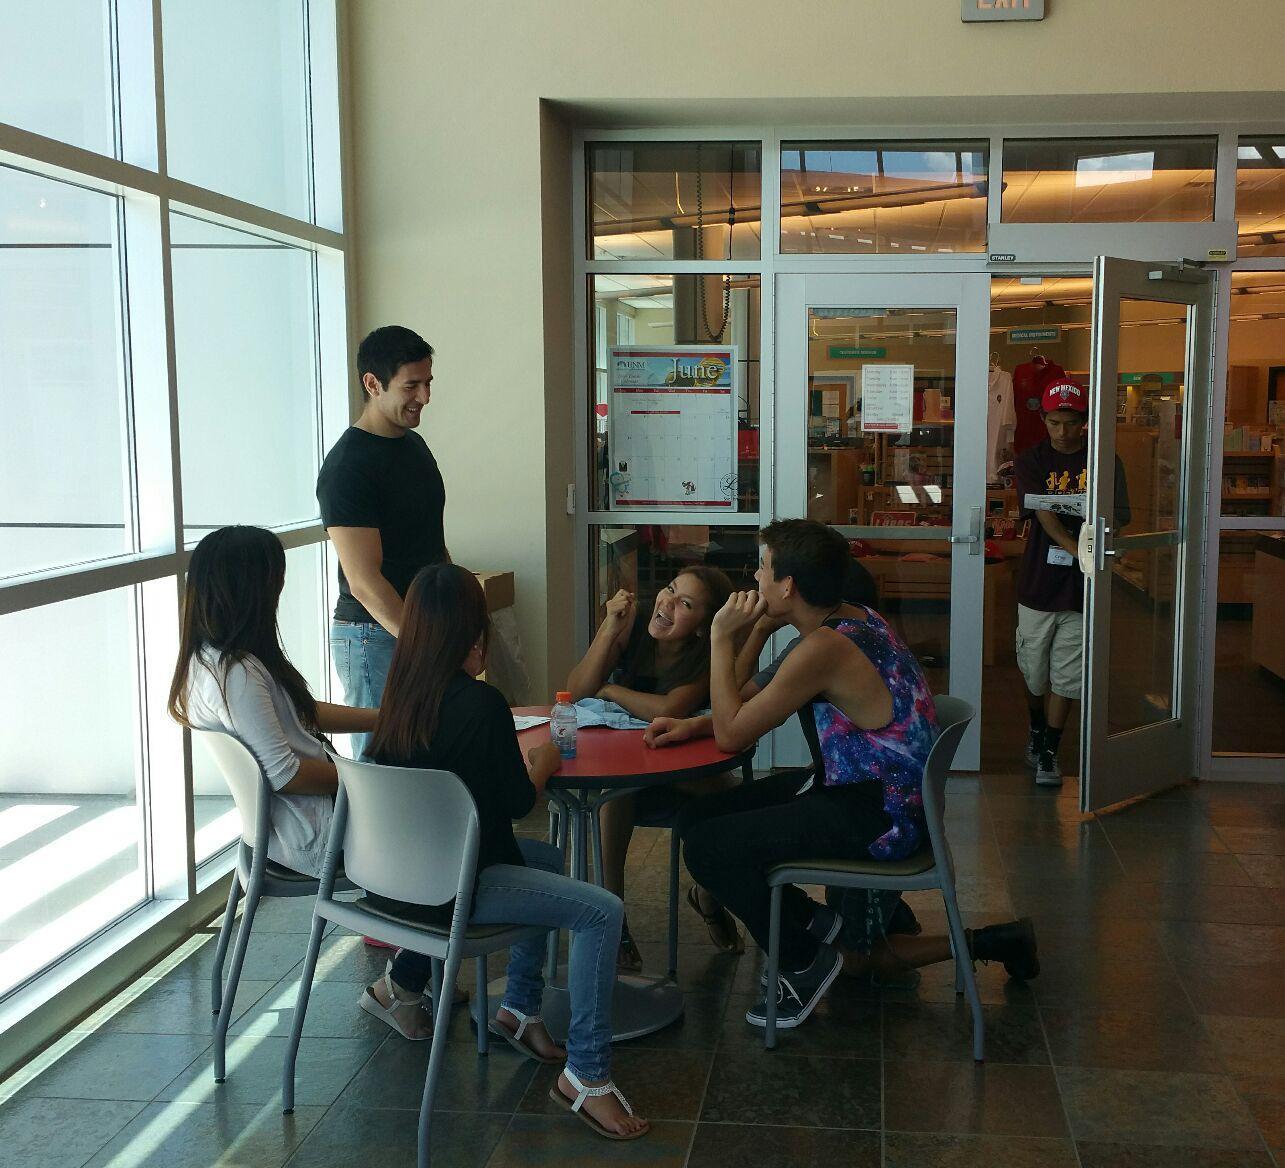 étudiants discutant autour d'une table